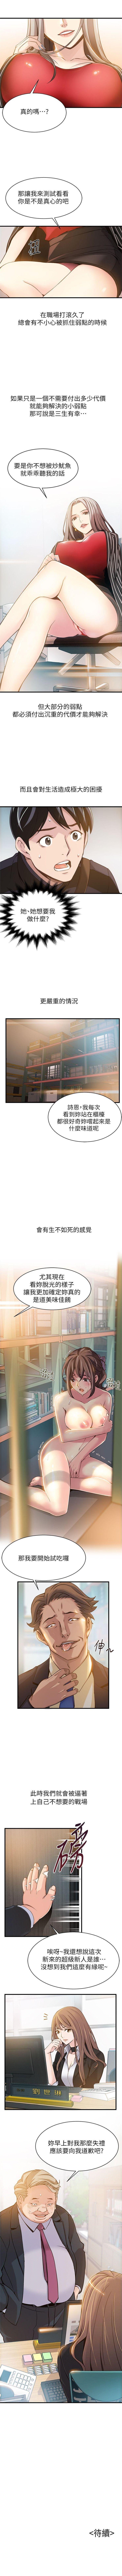 弱点 1-64 中文翻译(更新中) 14